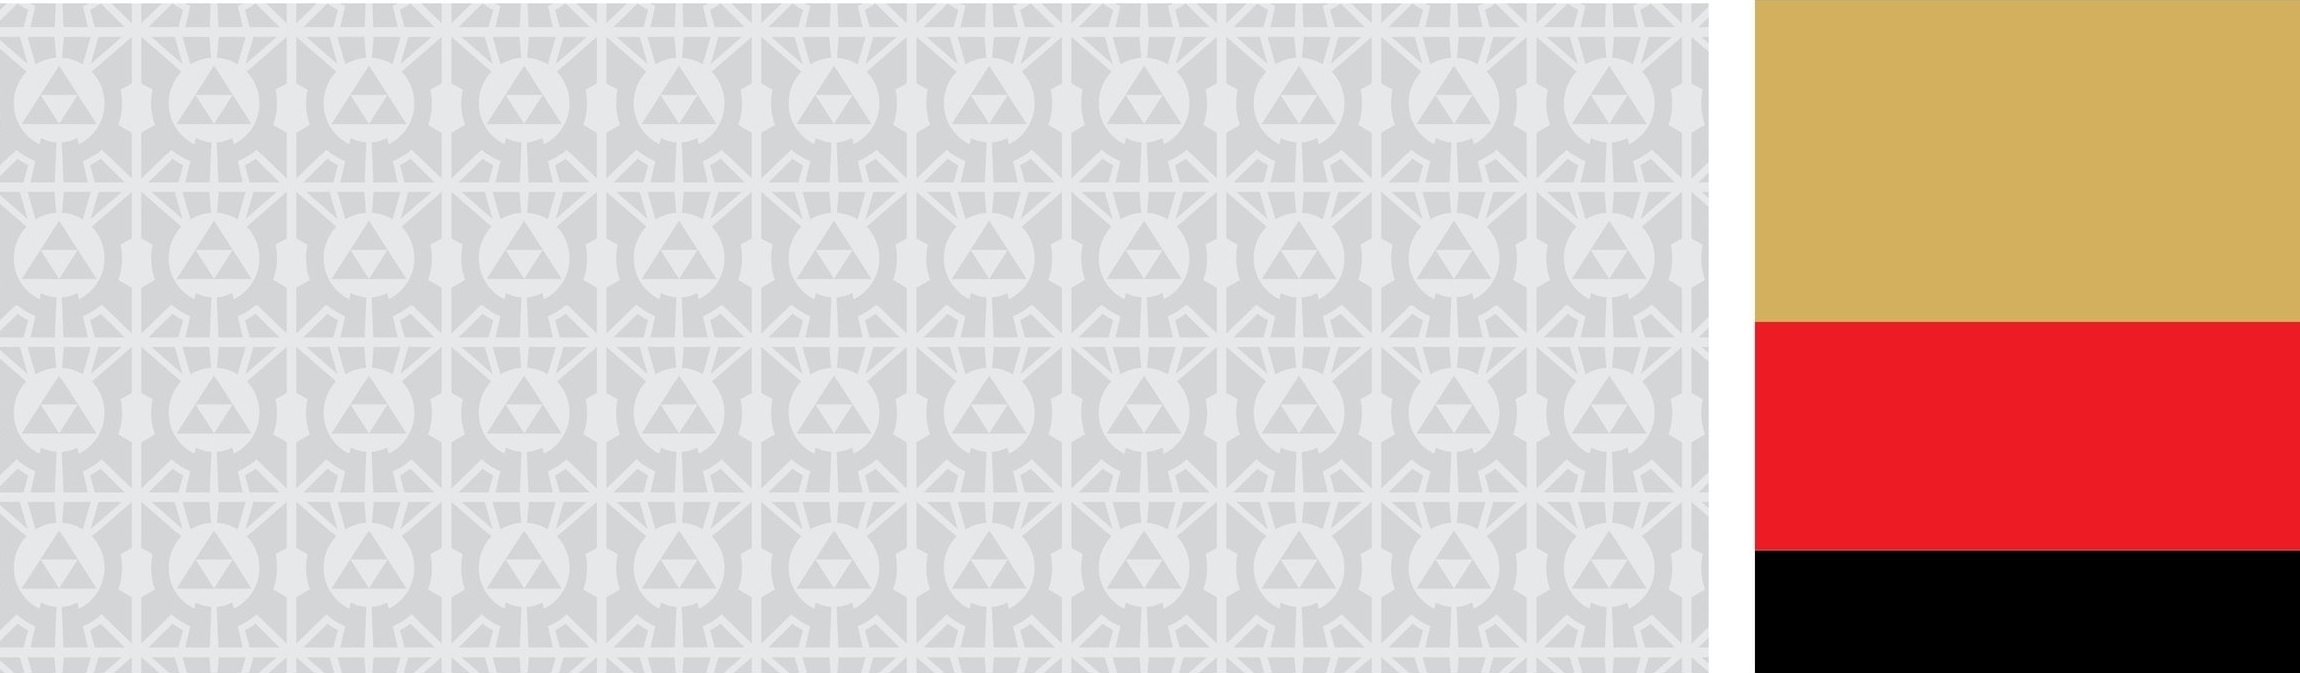 Zelda15.jpg